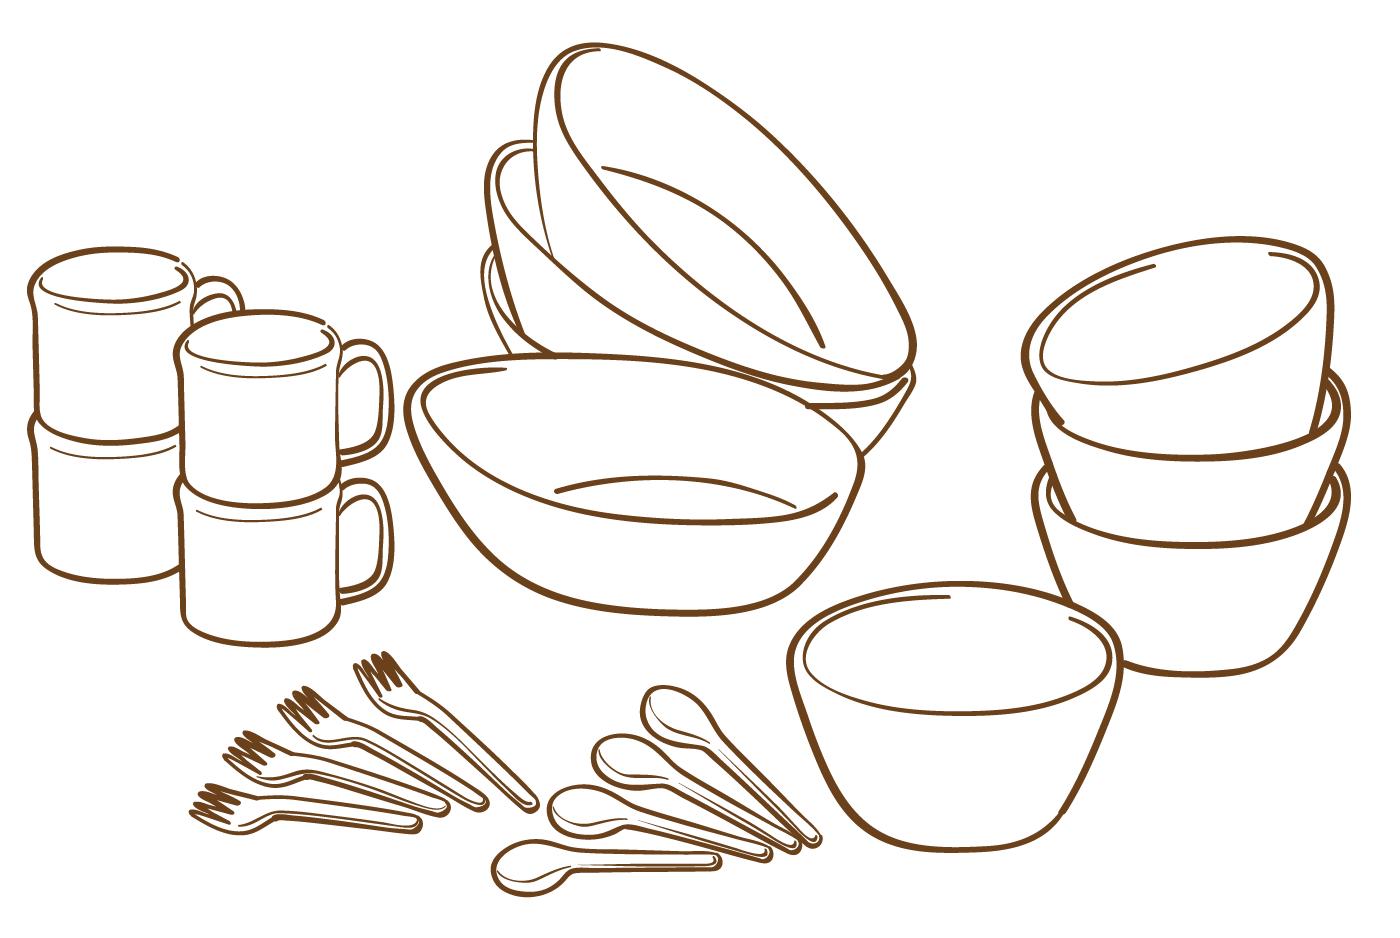 食器のイラスト(白黒)